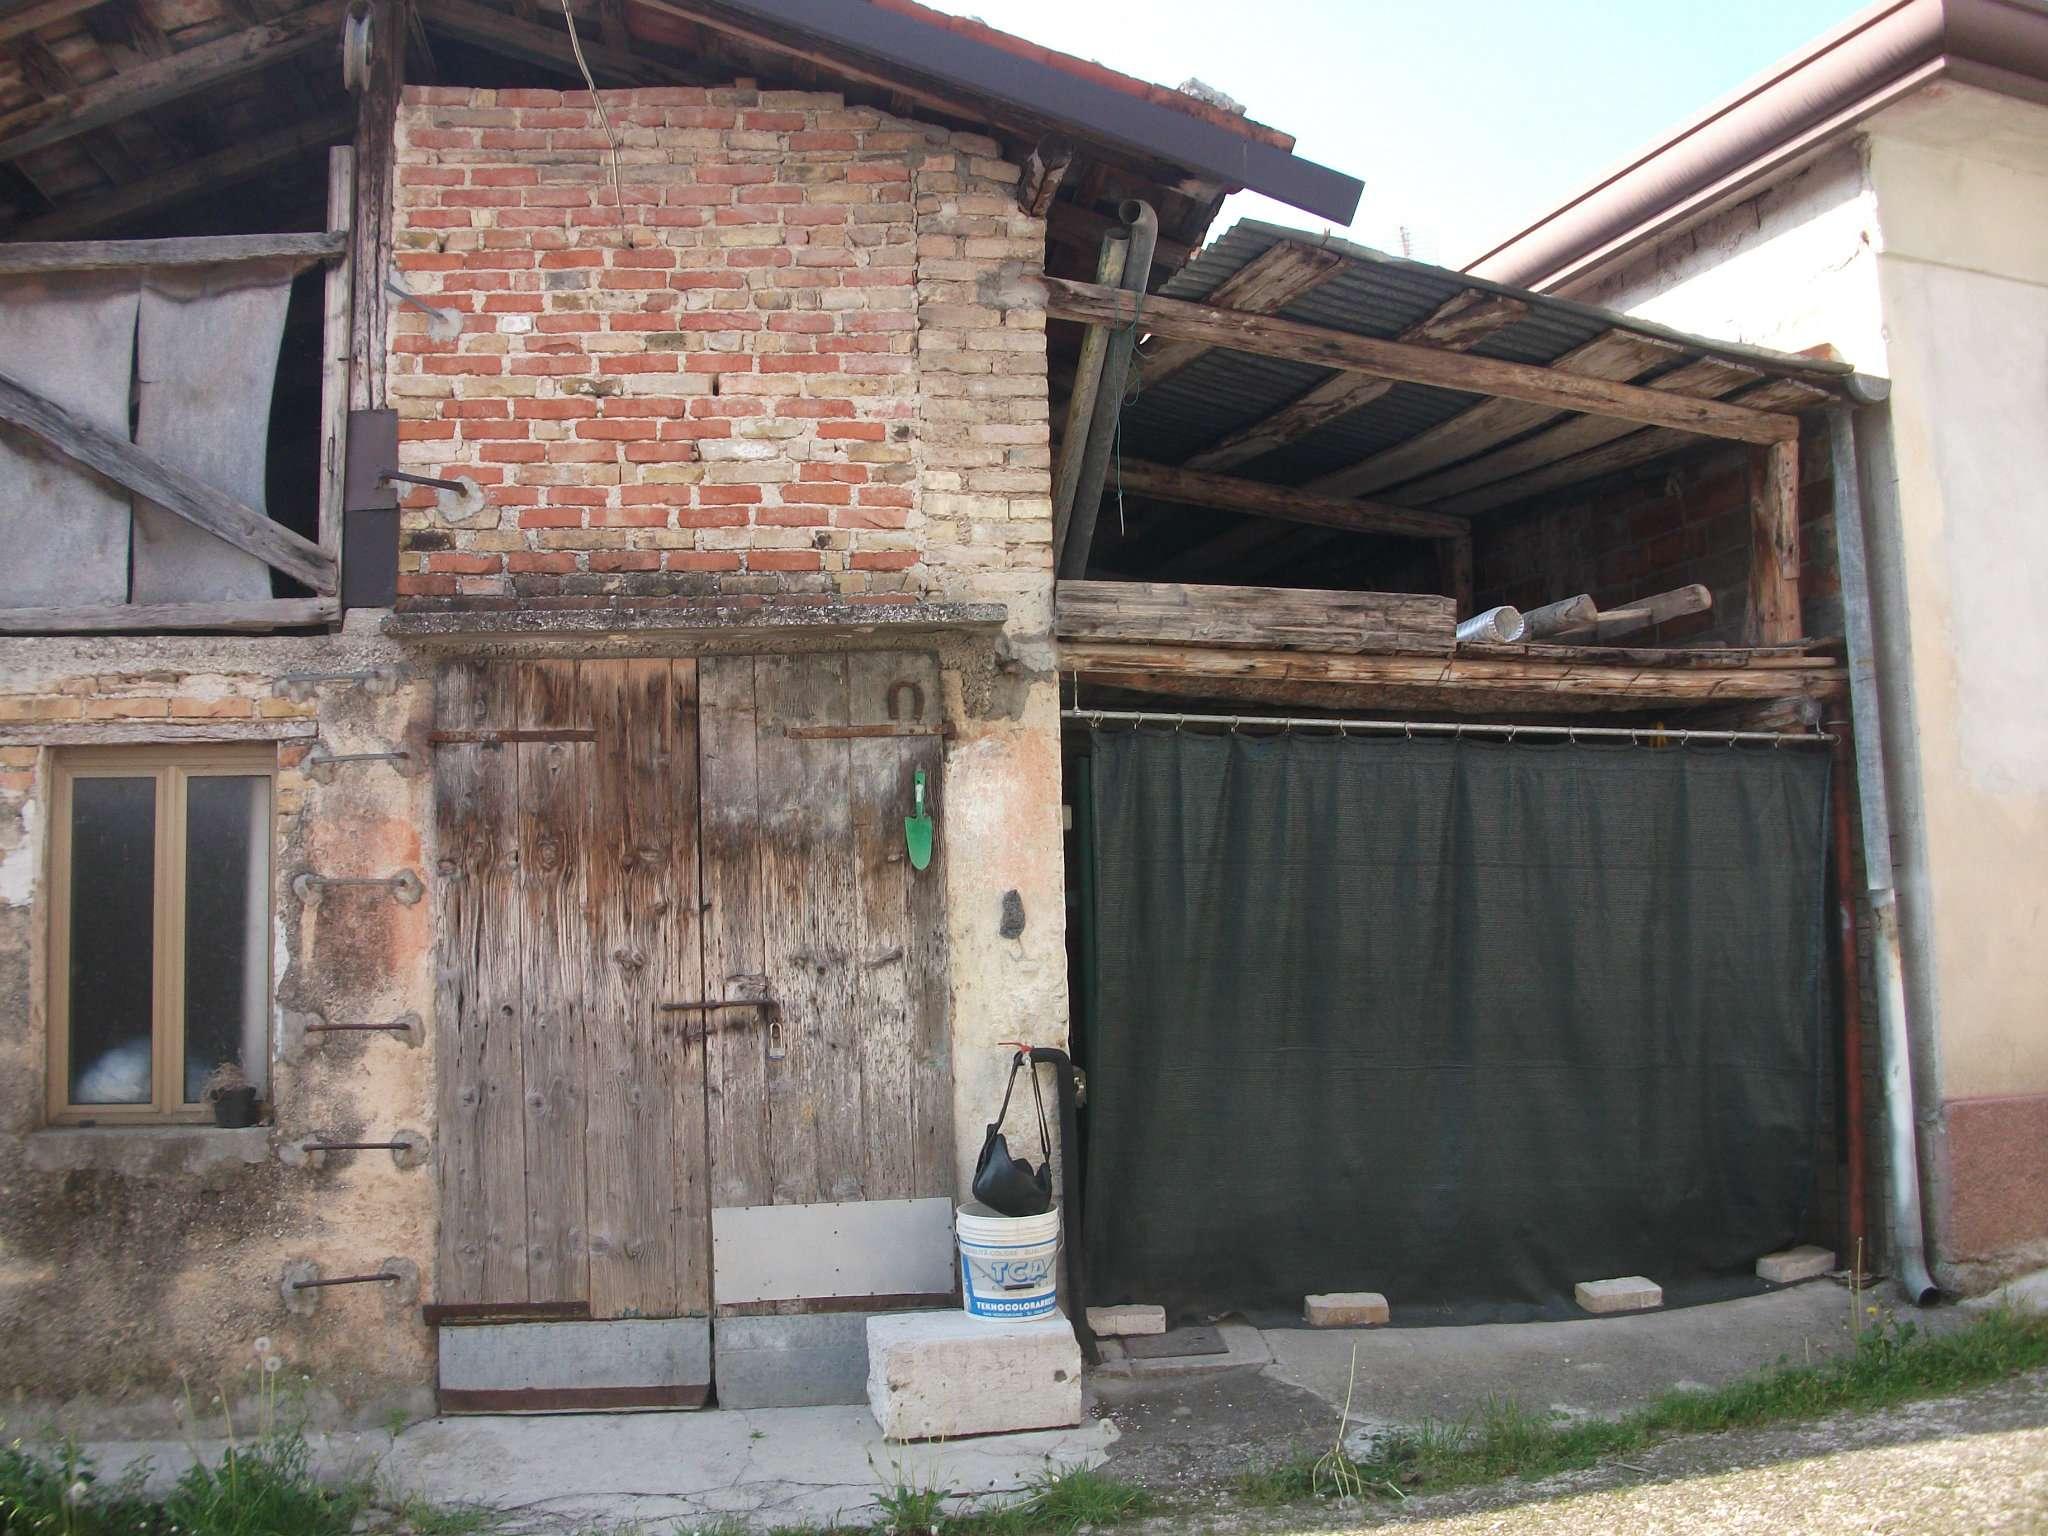 Rustico / Casale in vendita a Caneva, 3 locali, prezzo € 45.000 | CambioCasa.it